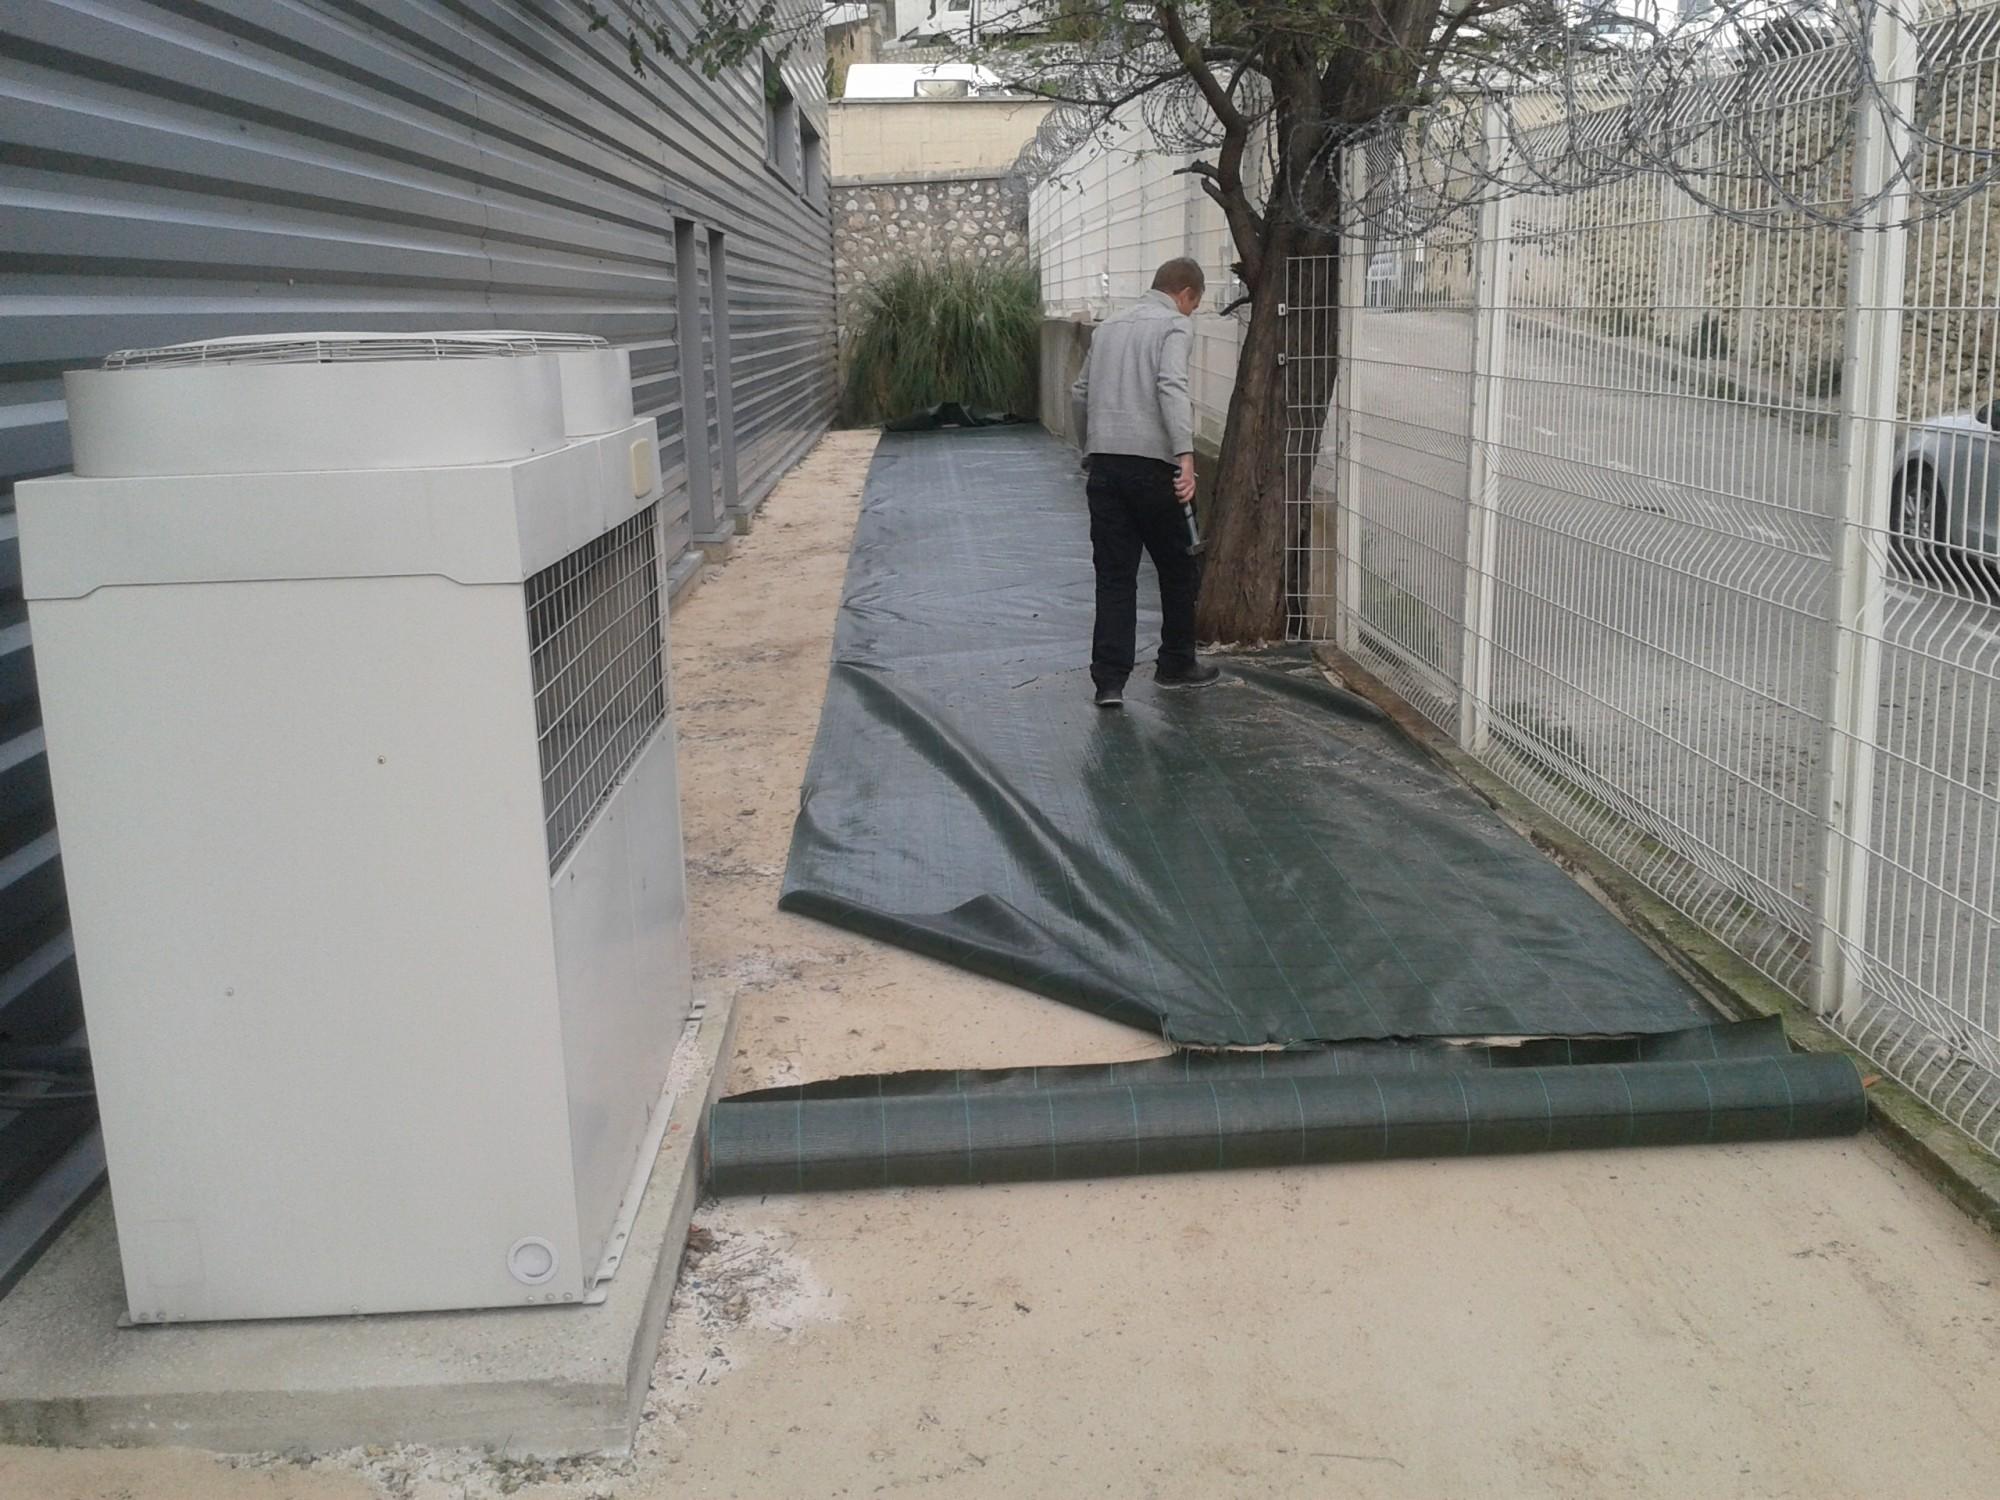 Mise en place de la toile de paillage à Marseille